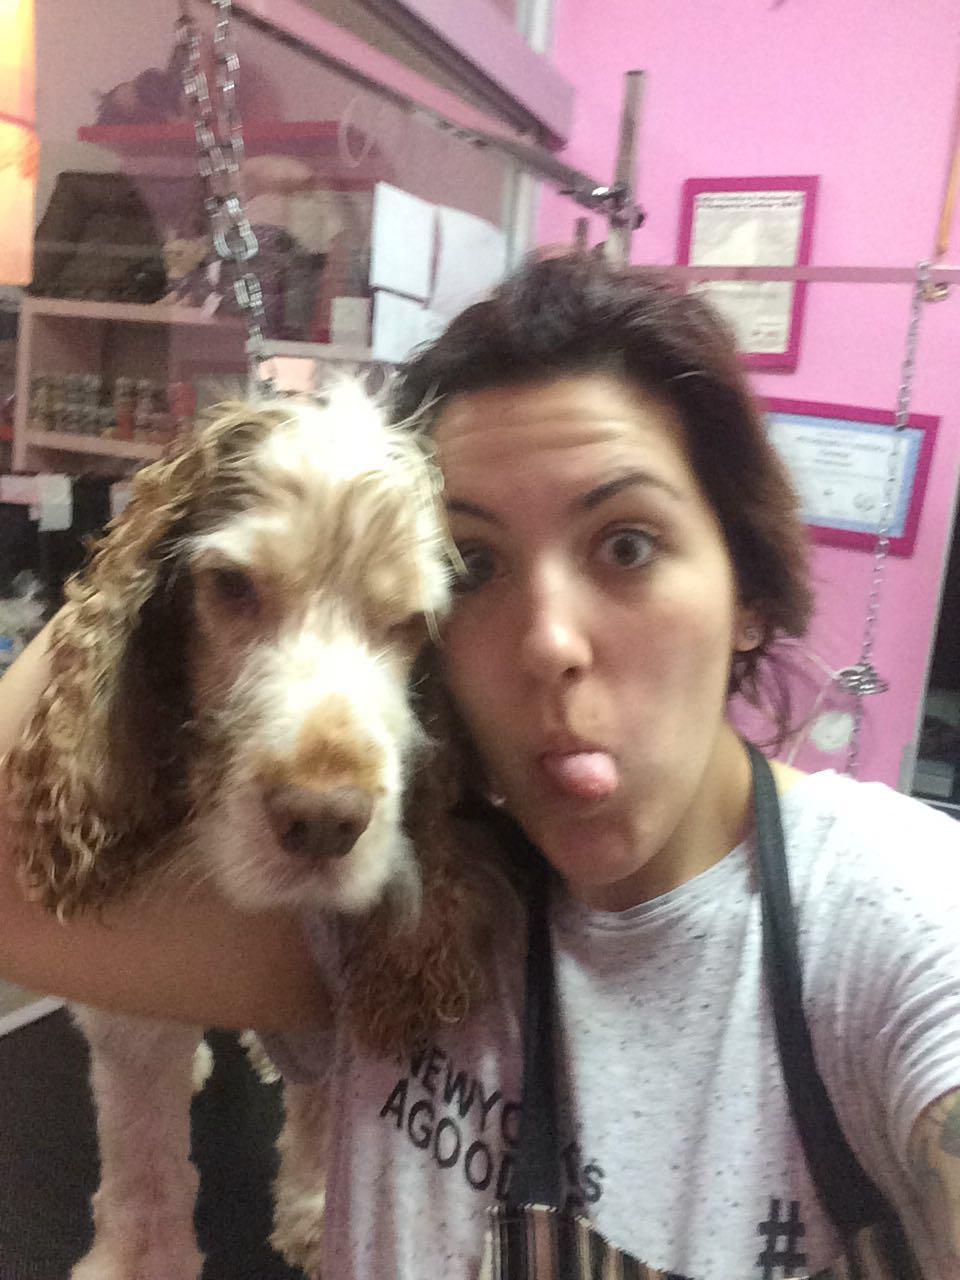 Hoy nuestras felicitaciones van para   Noelia Rodriguez  , que hizo nuestro curso de Peluquería Canina y se quedó trabajando en una Peluquería en Santa Cruz. Noelia es una gran persona y gran amante de los animales y eso son cualidades que se notan. Enhorabuena por hacer de tu pasión por los animales tu profesión.